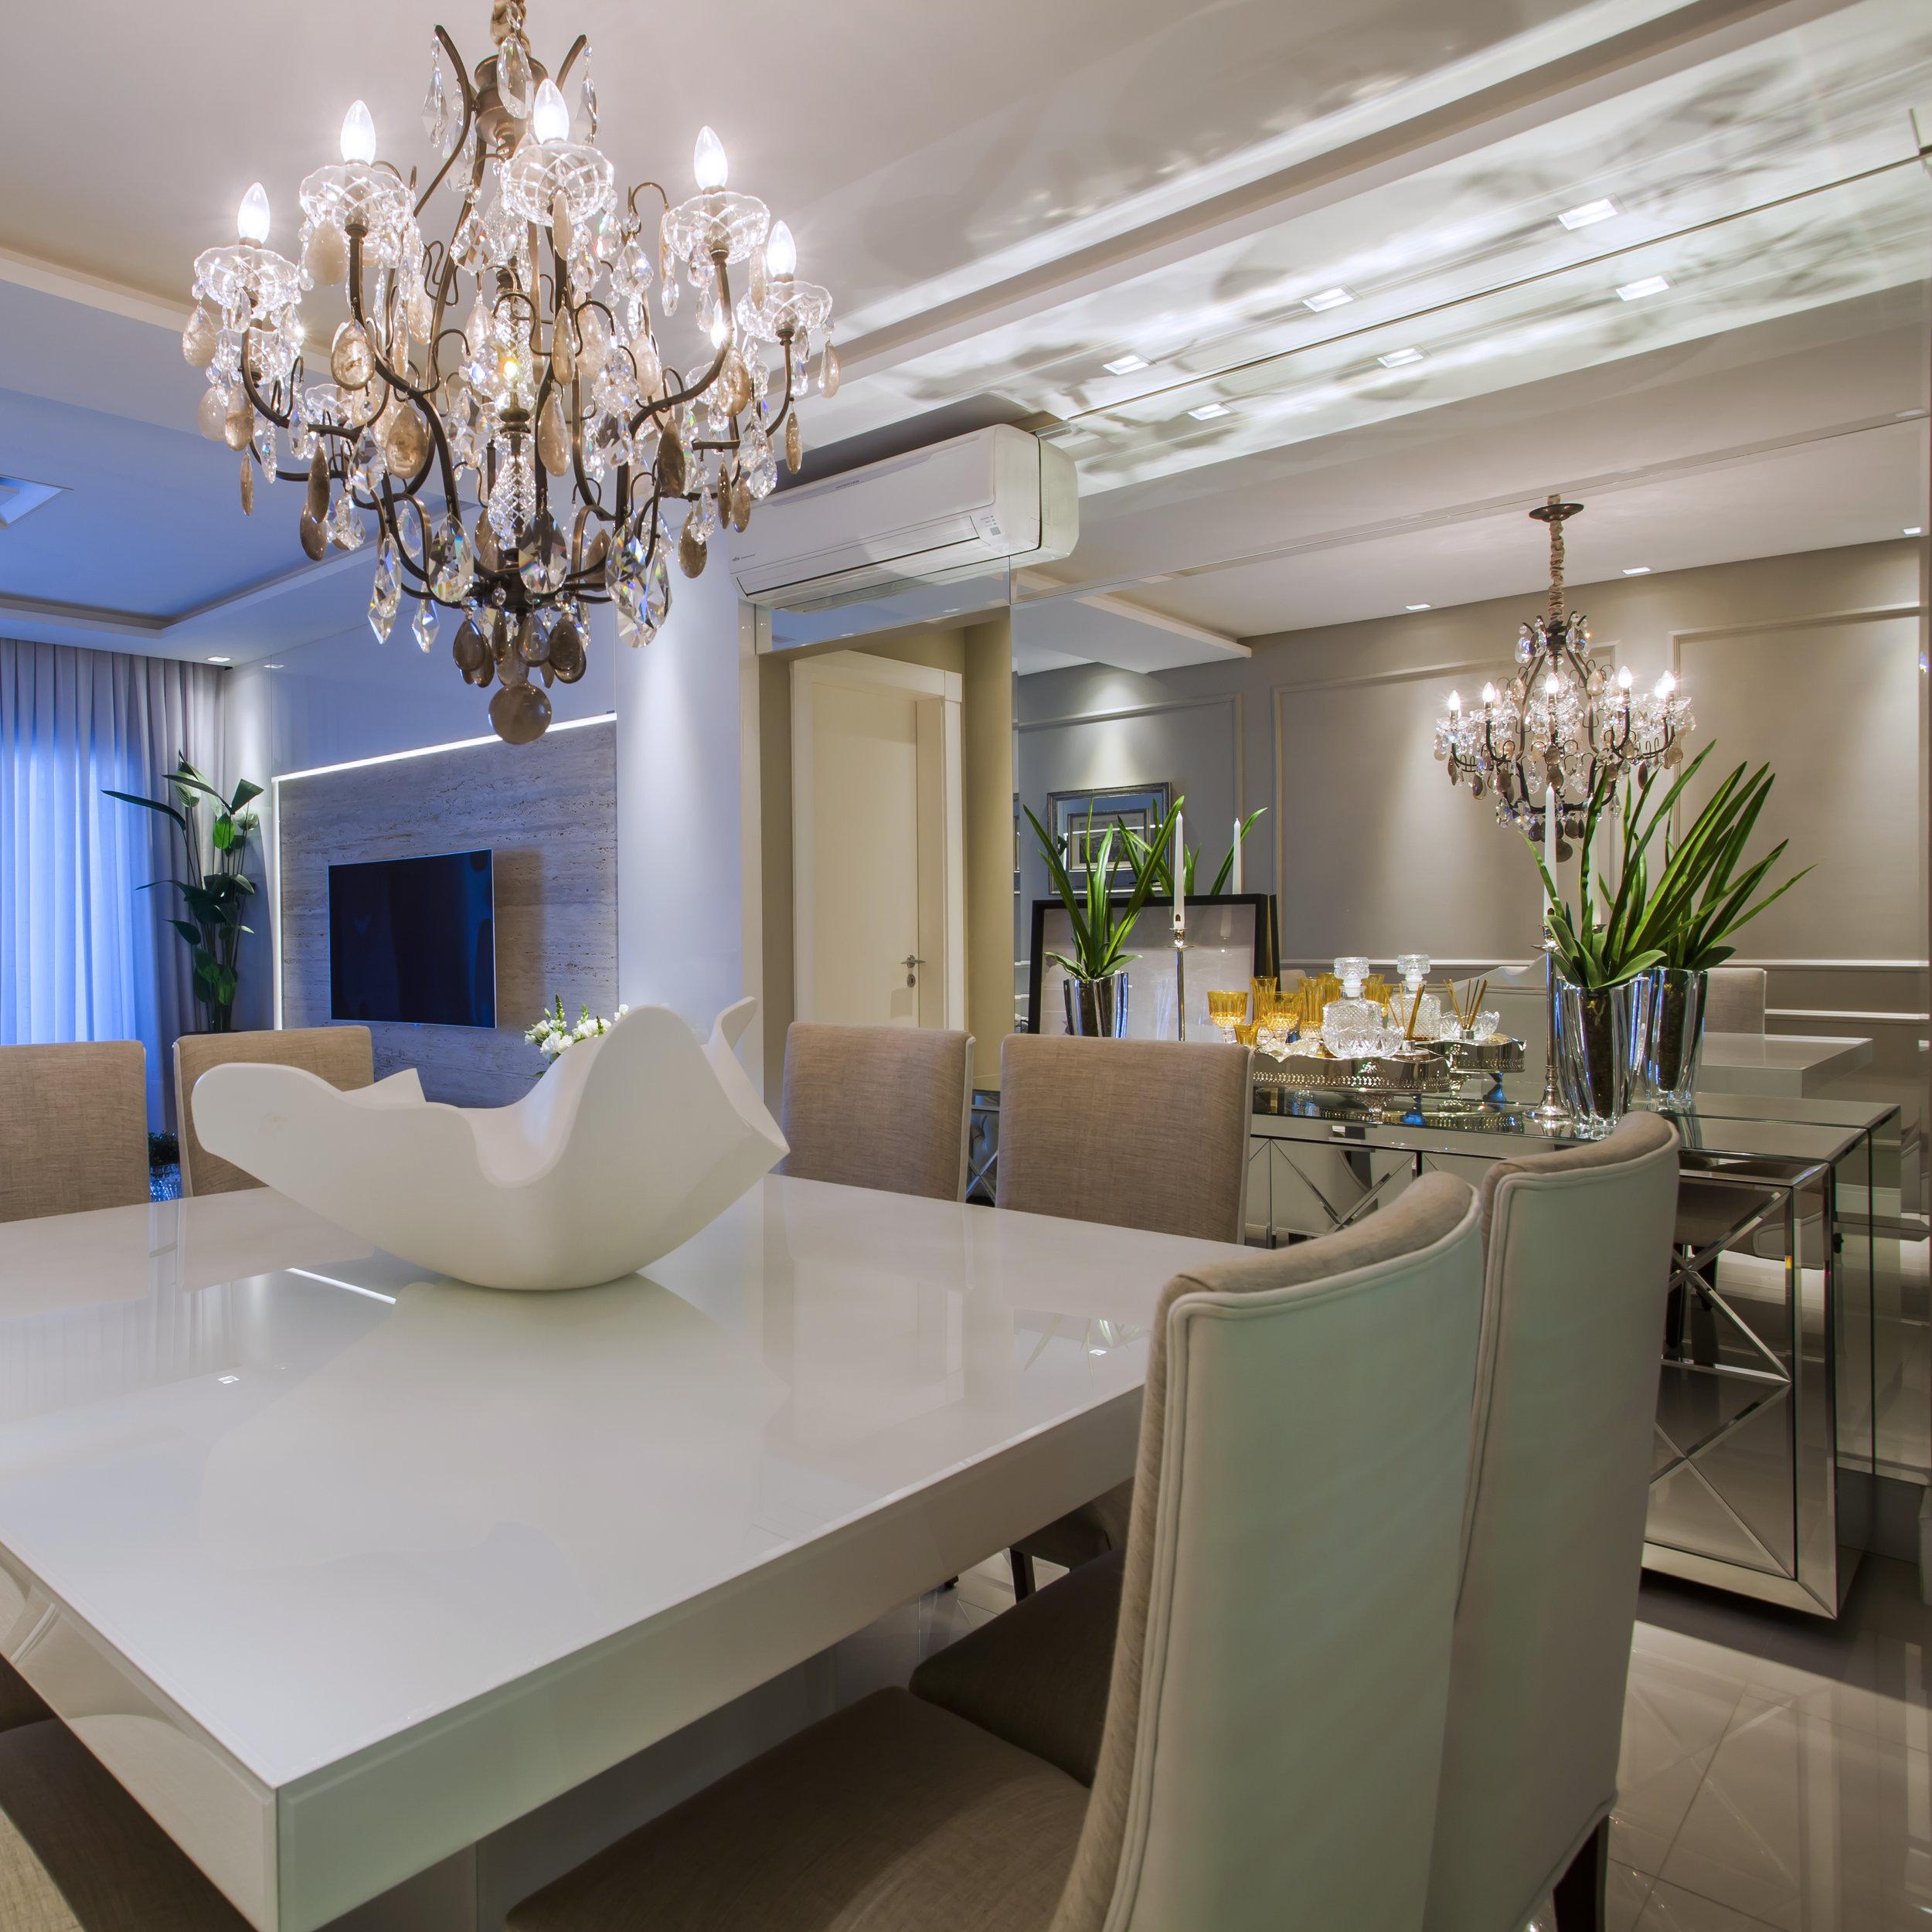 Lustre Mântova 10 braços, ambientado no apartamento em Balneário Camboriú. Projeto da arquiteta Marianne Clasen. Fotografia: Daniela Buzzi.